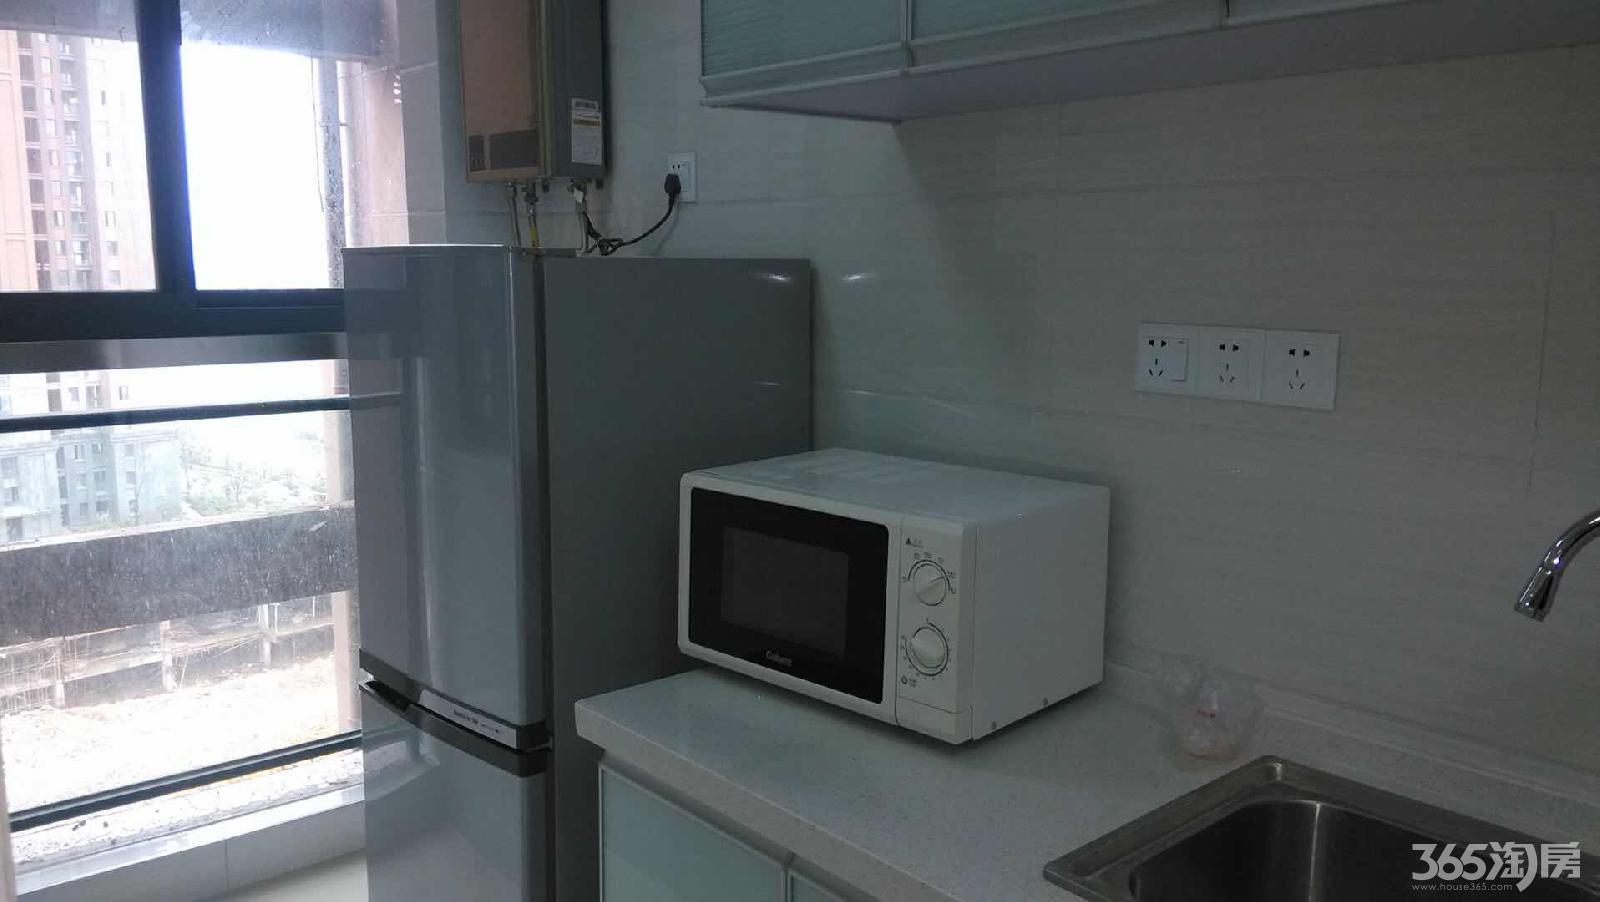 【365自营房源】 张家山领秀城精装好房,家具家电全新全配。